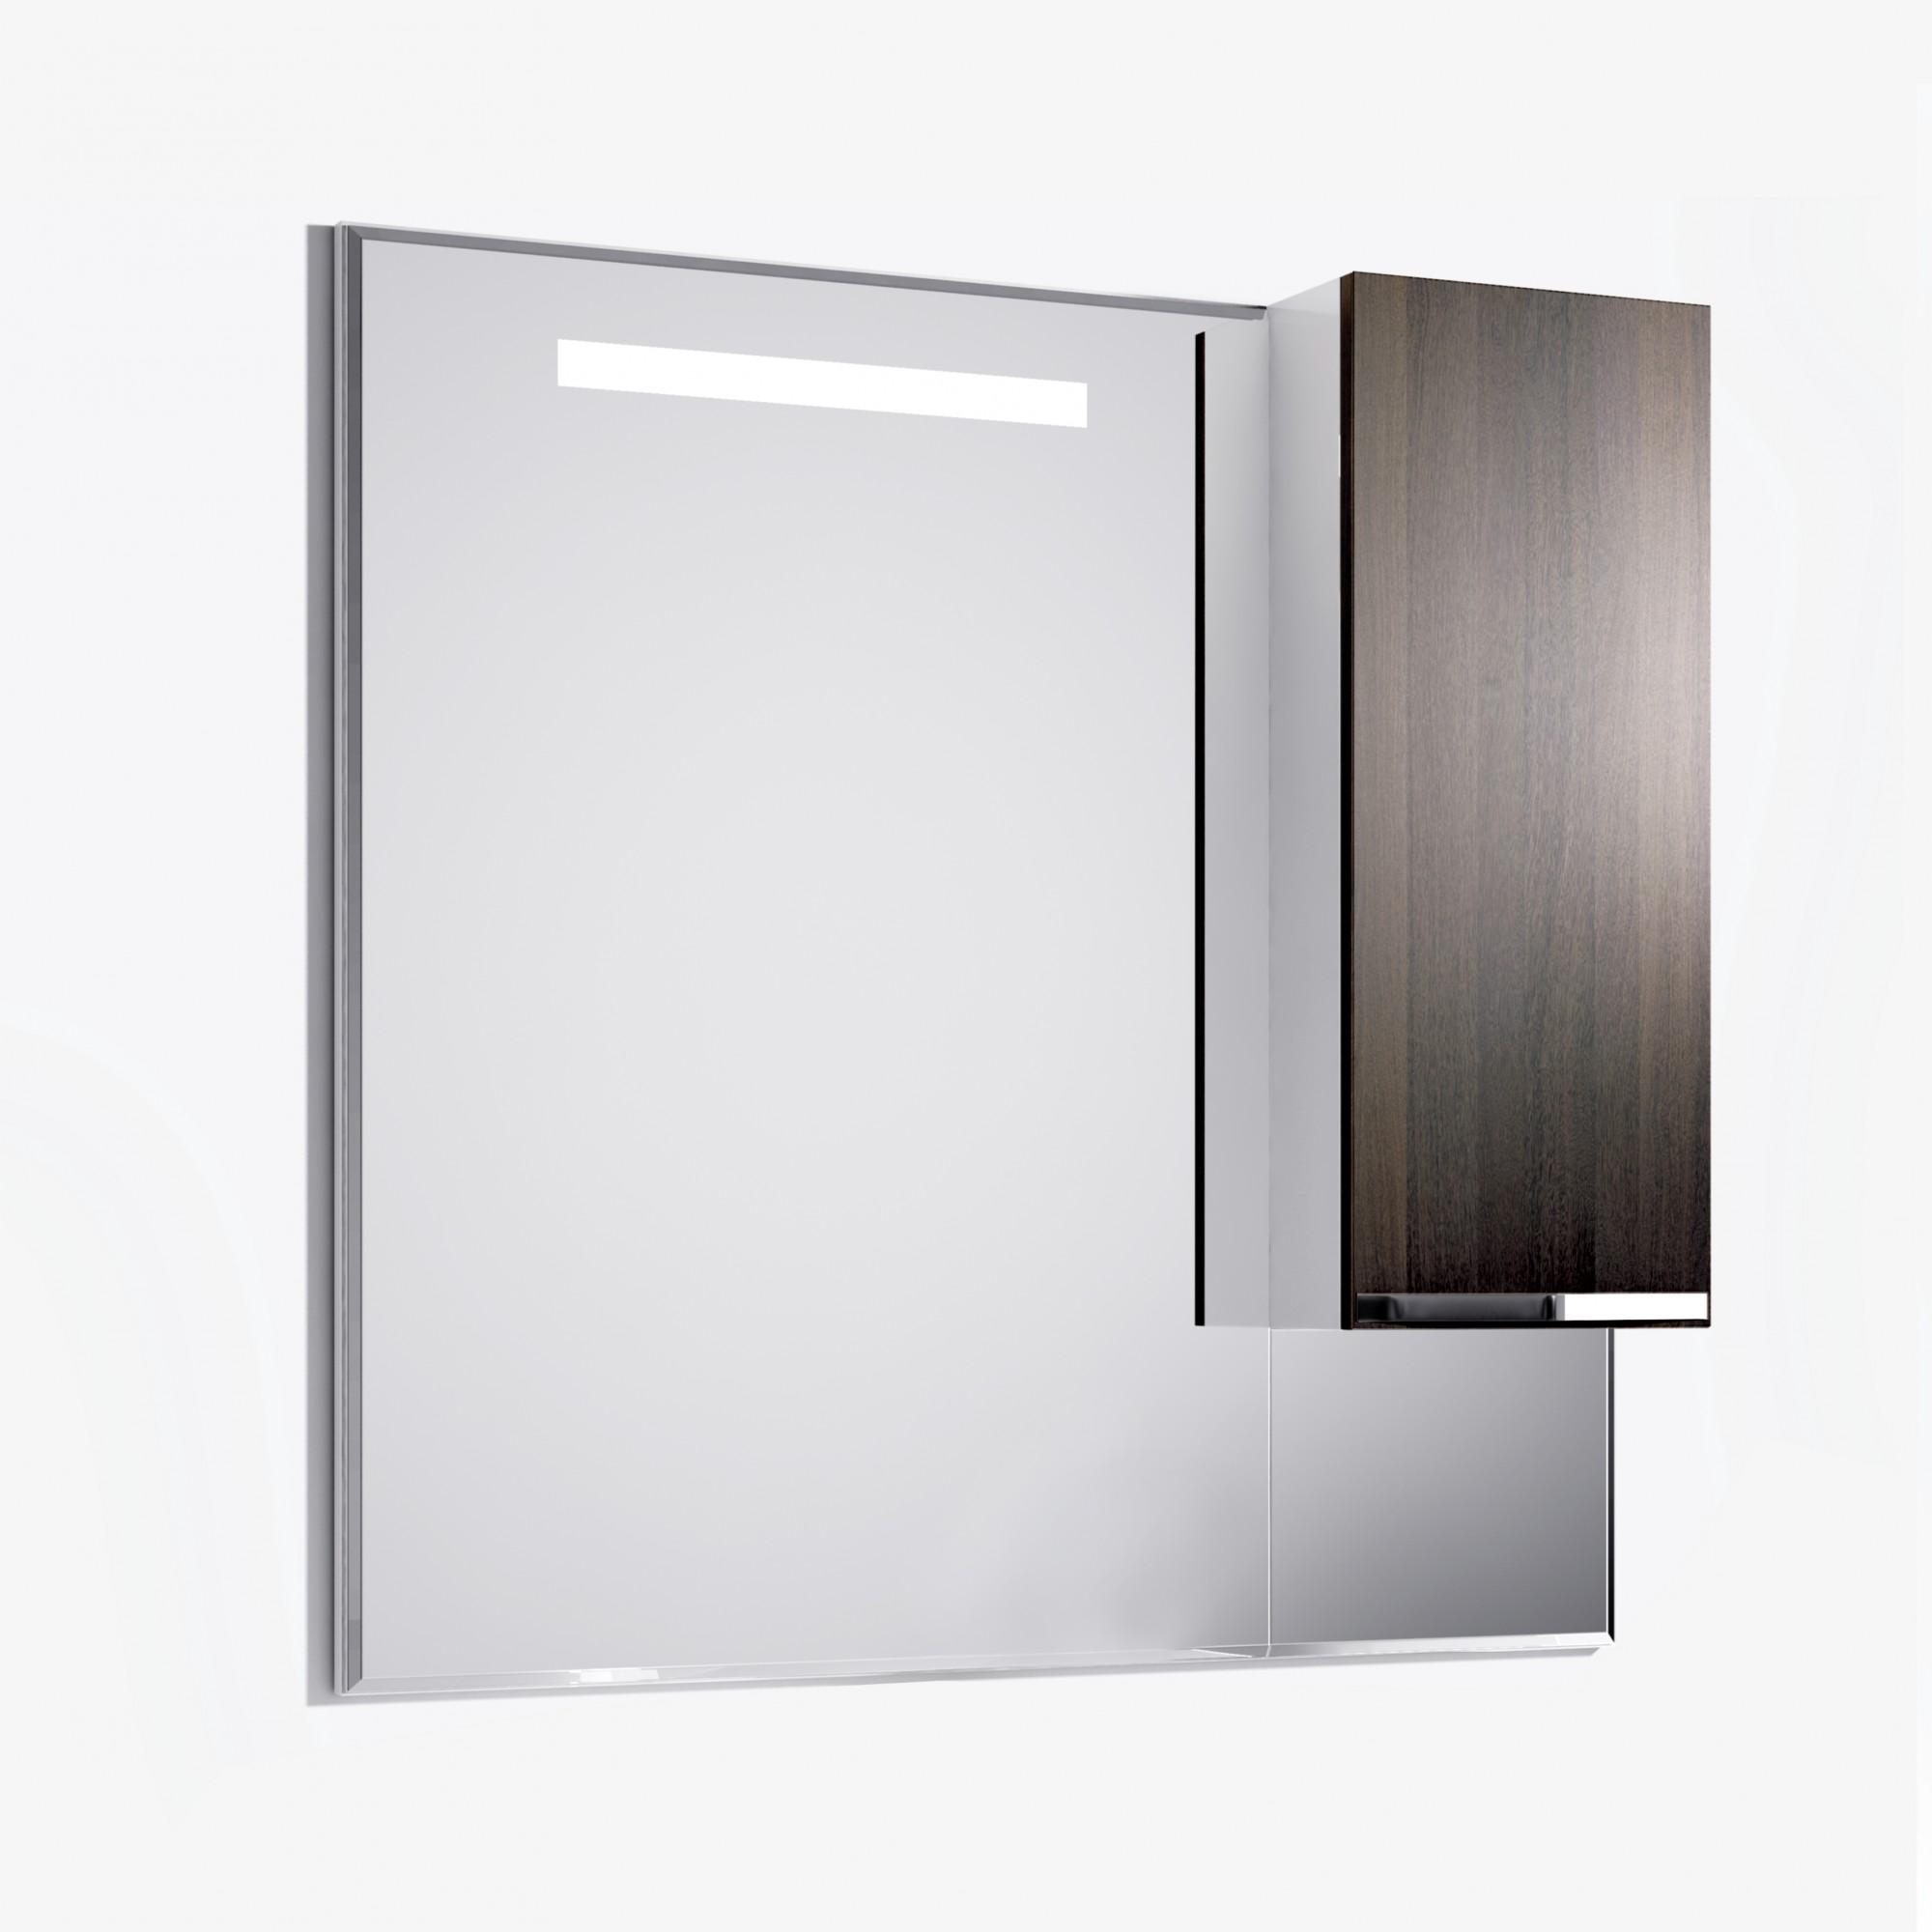 Зеркало-шкаф Latte 100 венге +9 650 руб.